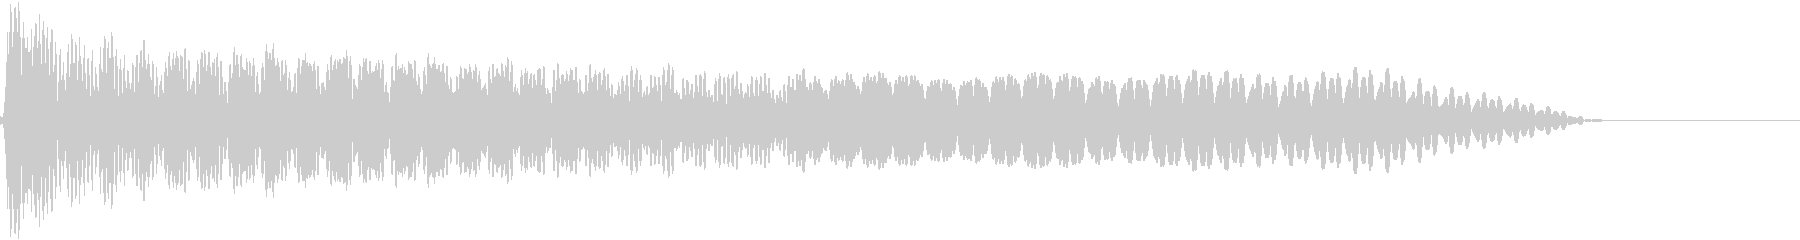 UI系 カーソル選択 ティロの未再生の波形